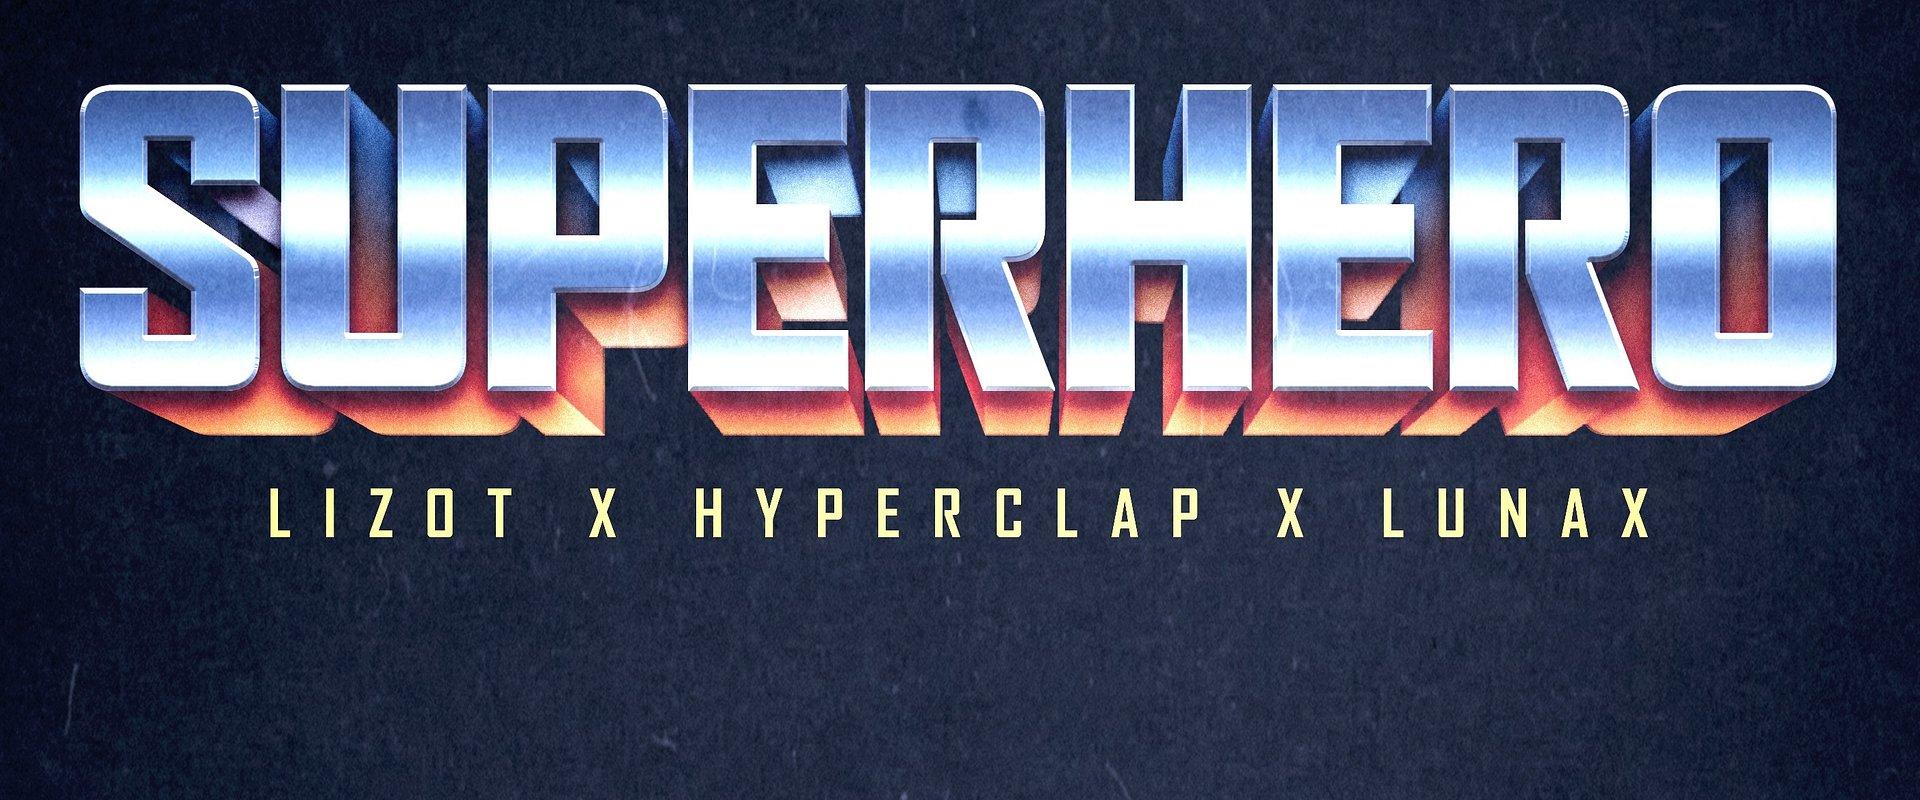 LIZOT, Hyperclap i LUNAX w roli superbohaterów